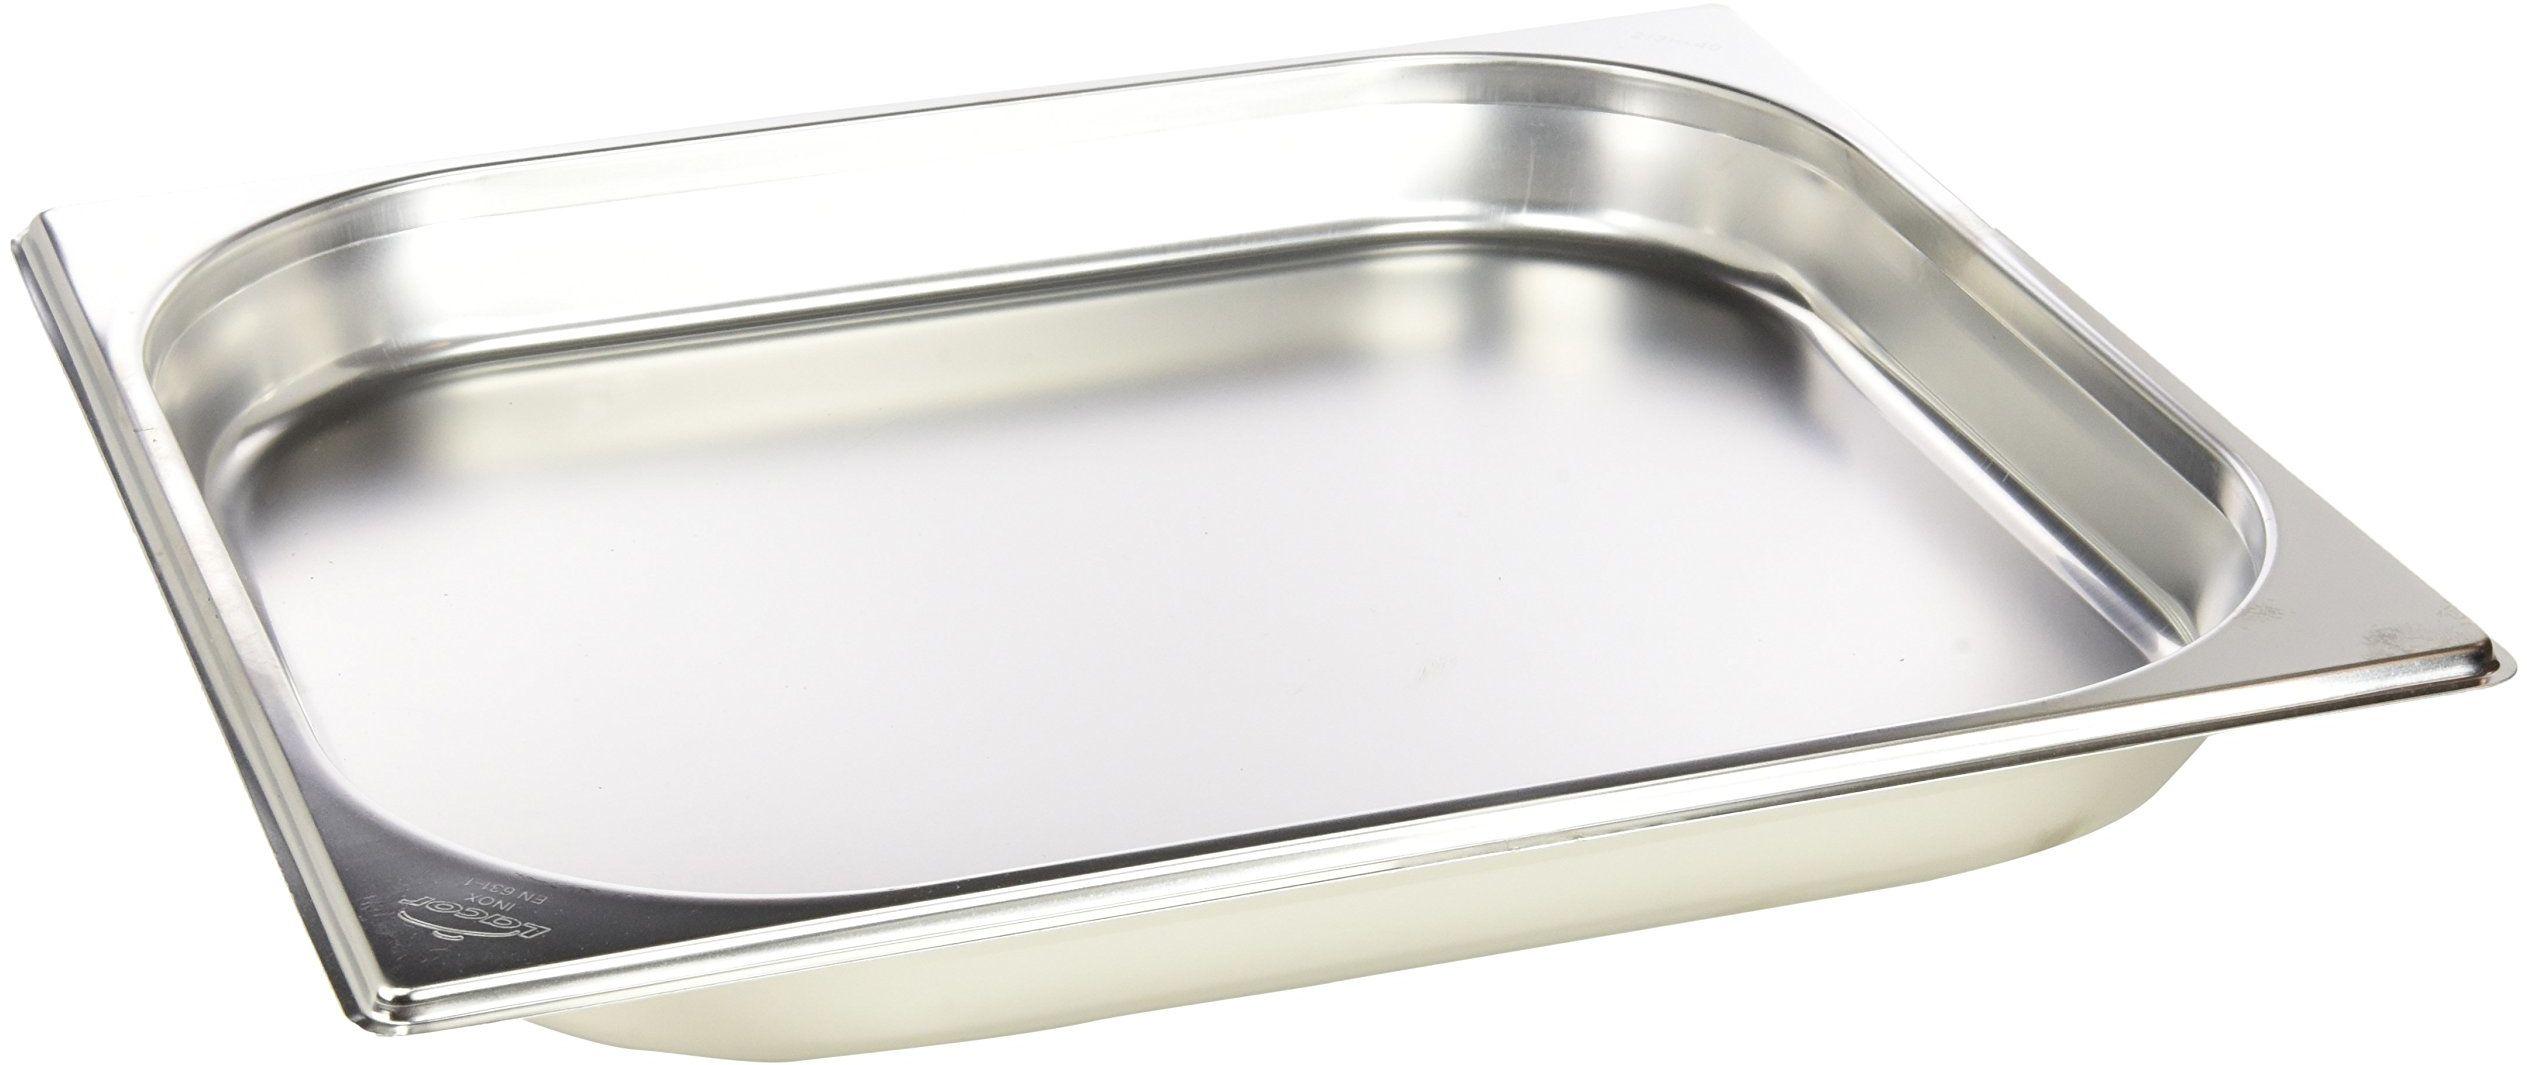 Lacor INOX 2/3 pojemnik bez uchwytu, stal nierdzewna, srebrny, 325 x 354 x 40 mm